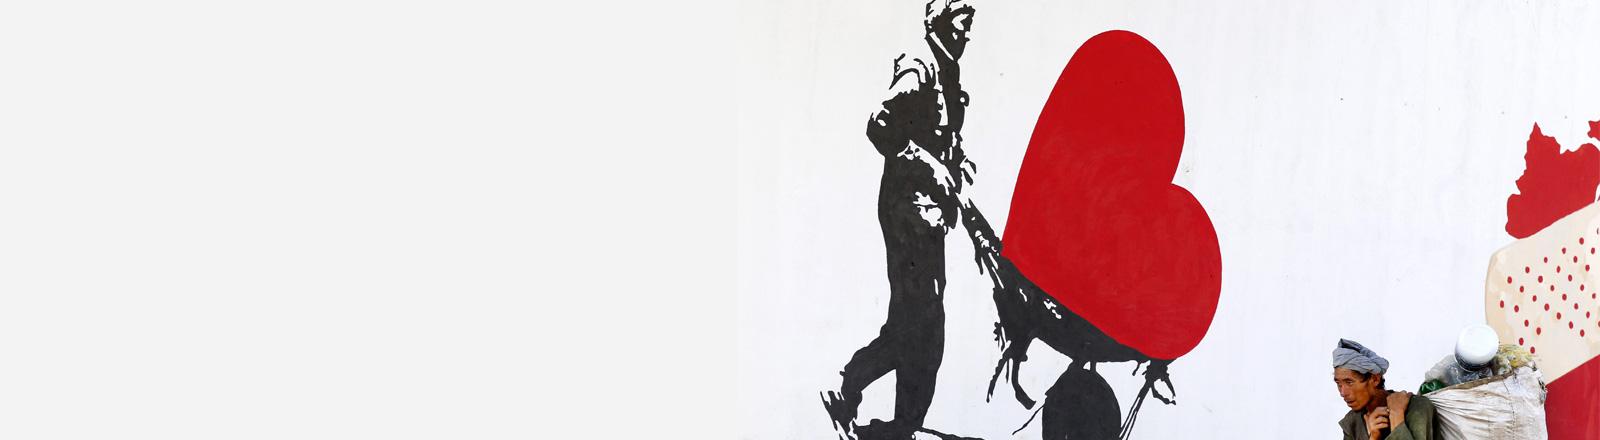 Auf einem Graffiti in Kabul ist ein Mann zu sehen, der ein Herz in einer Schubkarre transportiert.